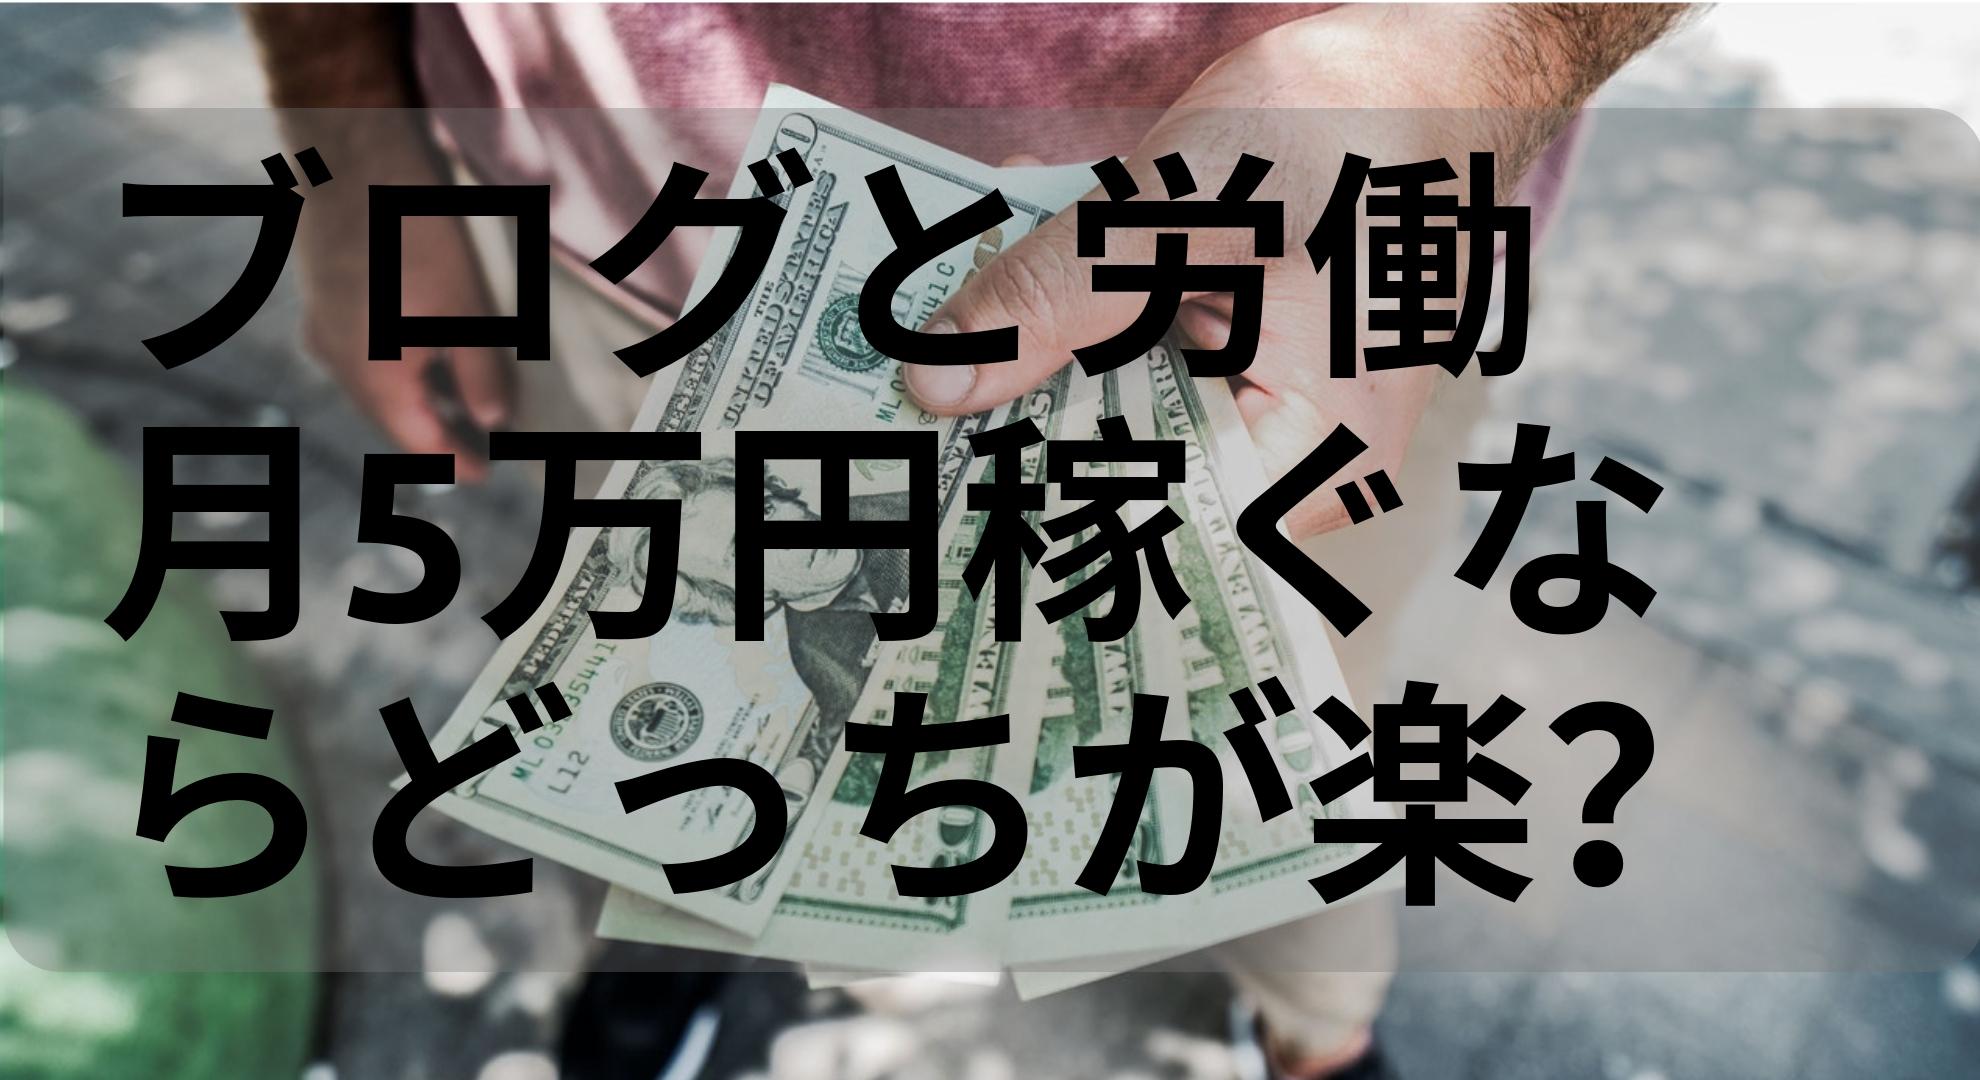 ブログと働いて月5万円稼ぐならどっちが楽か?